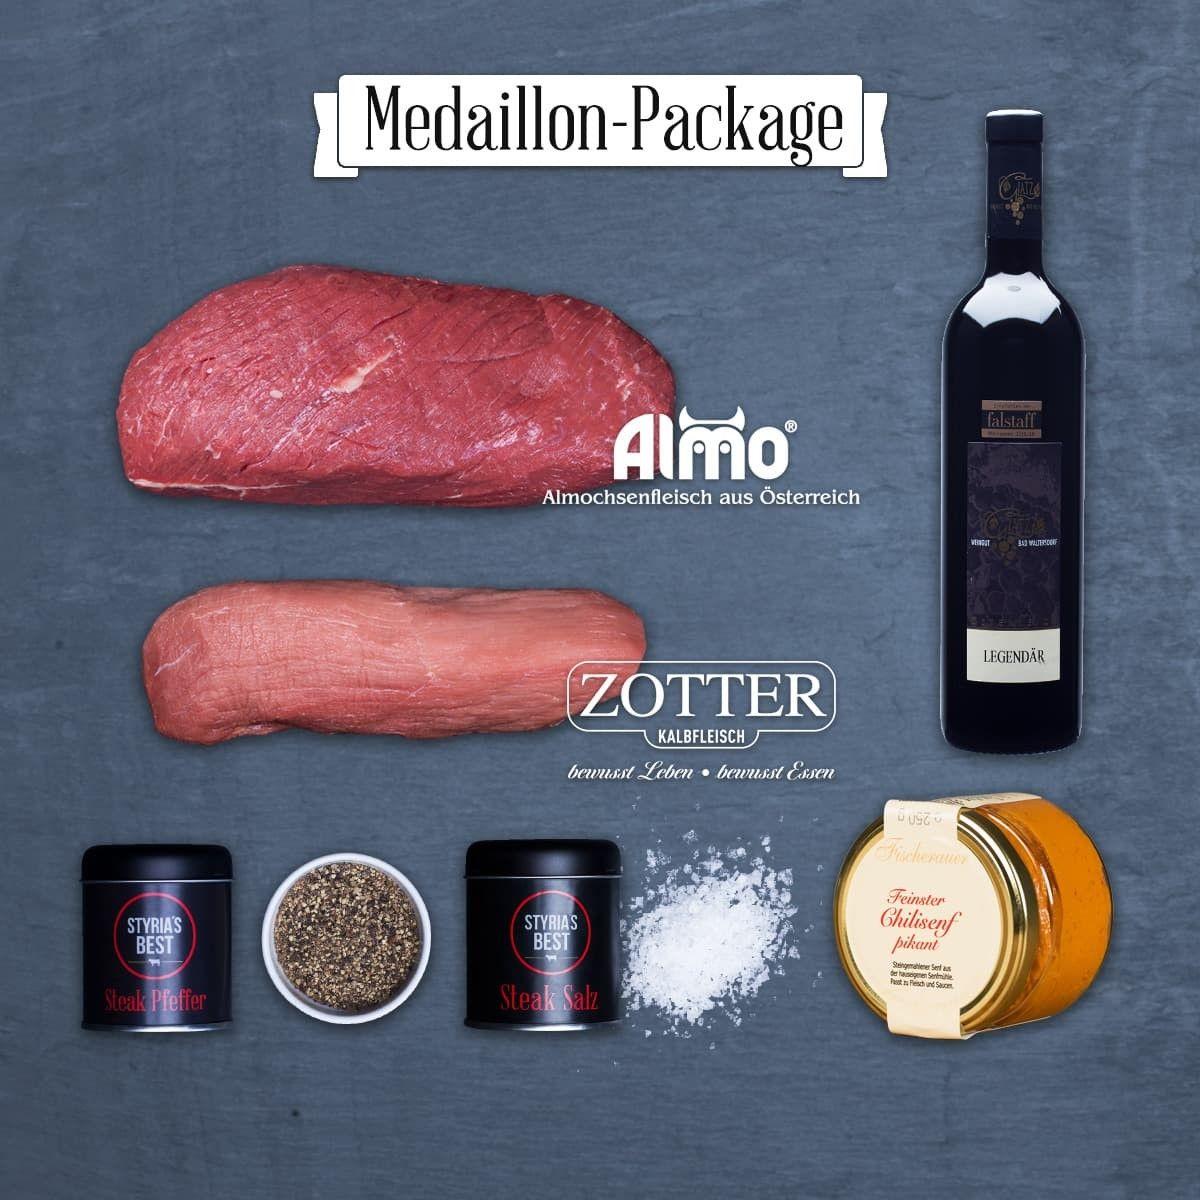 Styria's Best: Medaillon Package  Das Medaillon Package besteht aus:   - 1 ALMO Hüftsteak ca. 800 g - 1 Premium Kalbs Weißscherzl ca. 1000 g - 1 Flasche Legendär 0,75 l - 1 Glas Chillisenf 250 ml - 1 Dose STB Steak Salz 70 g  - 1 Dose STB Pfeffer 60 g  Im Package genießen sie einen Preisvorteil von rund 20% gegenüber dem Einzelkauf.  Am Besten zum Braten, Kurzbraten, Schmoren.